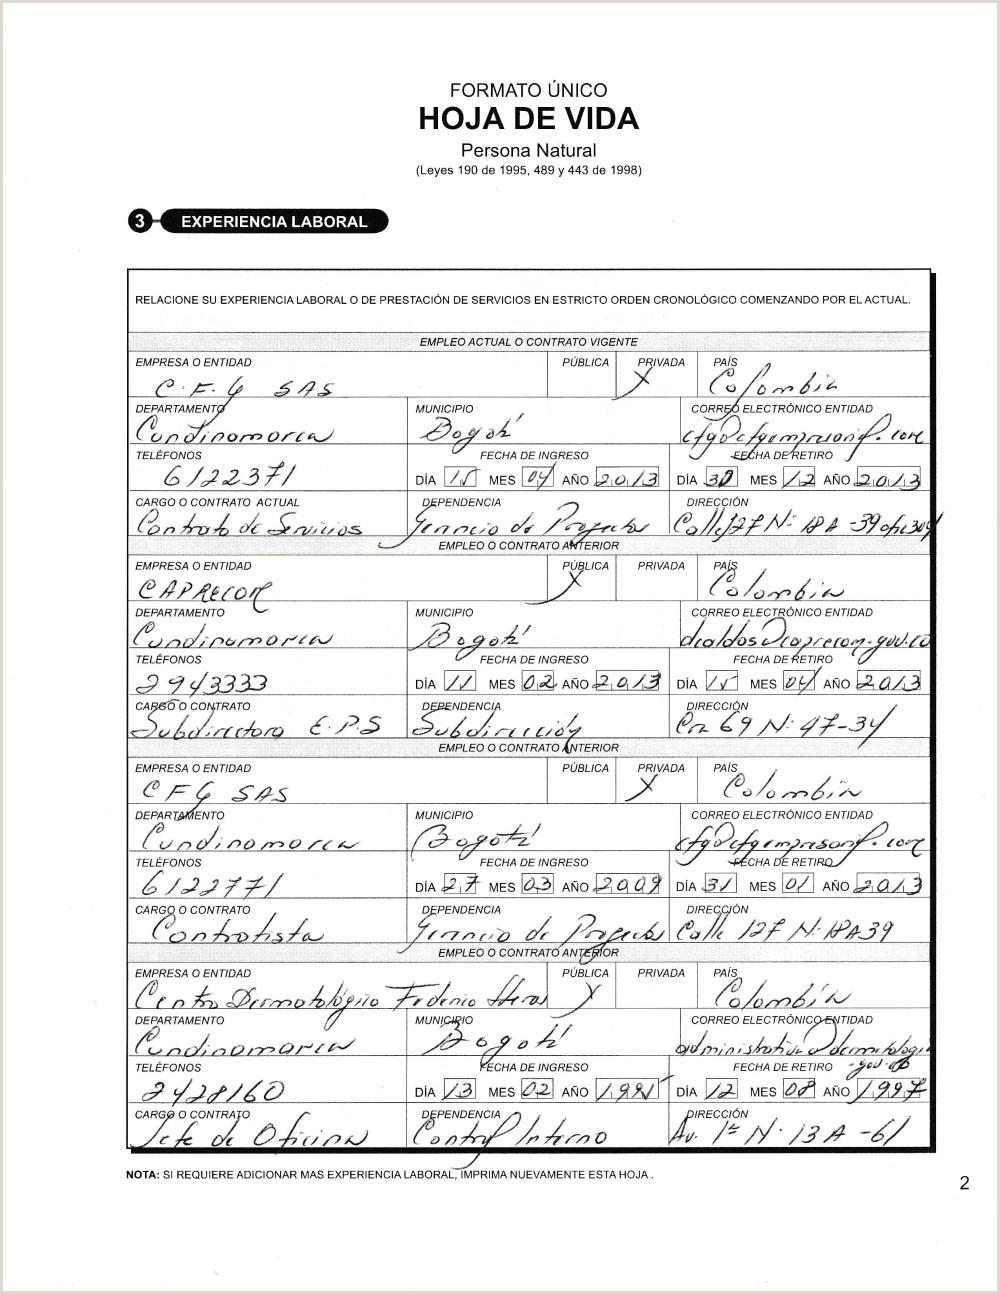 Formato Unico Hoja De Vida Republica De Colombia Documentos Funci³n Pºblica